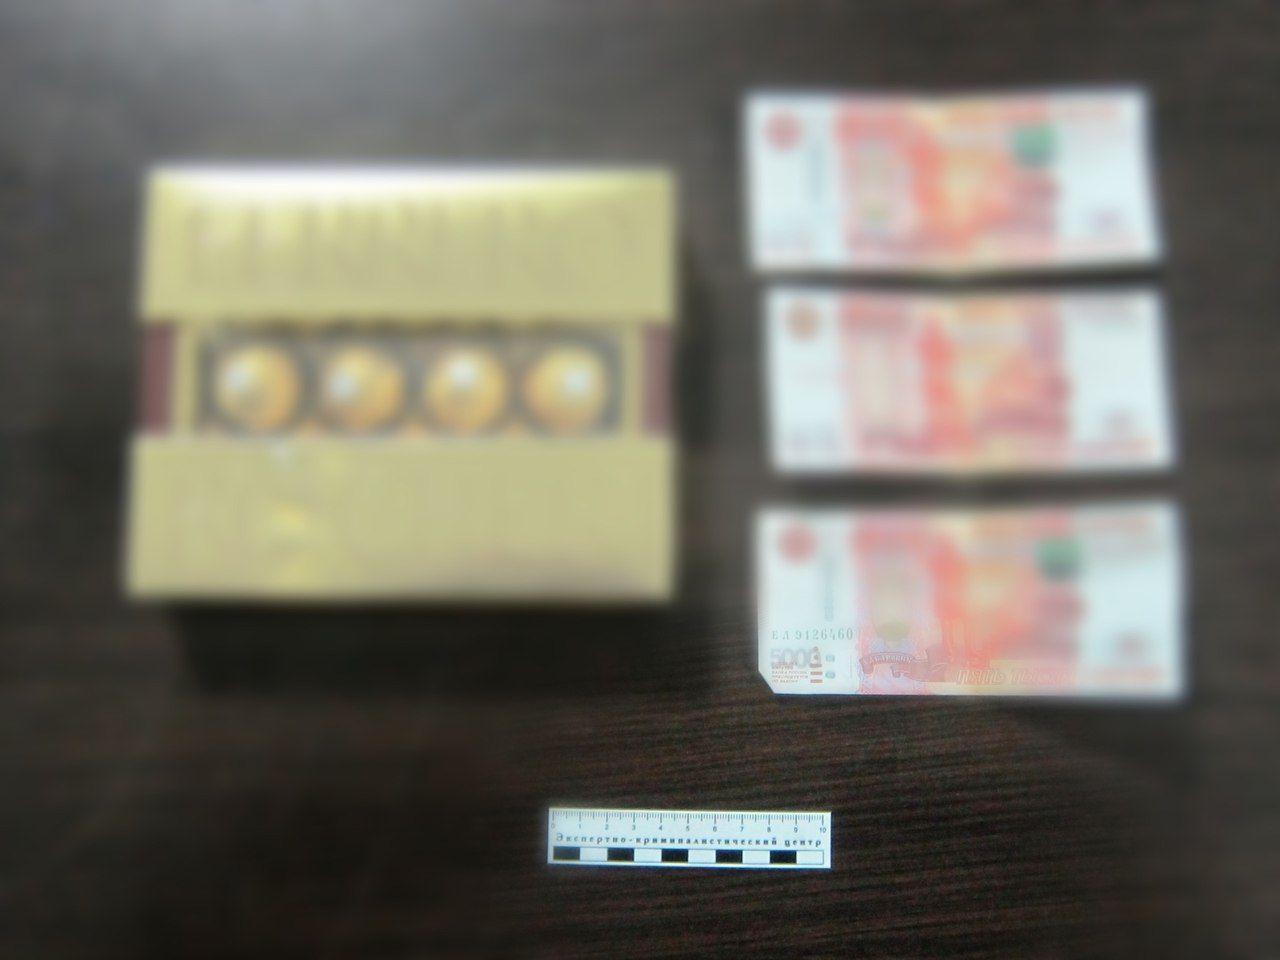 Ставропольчанка пыталась подкупить судебного пристава коробкой конфет и конвертом с 15 тысячами рублей